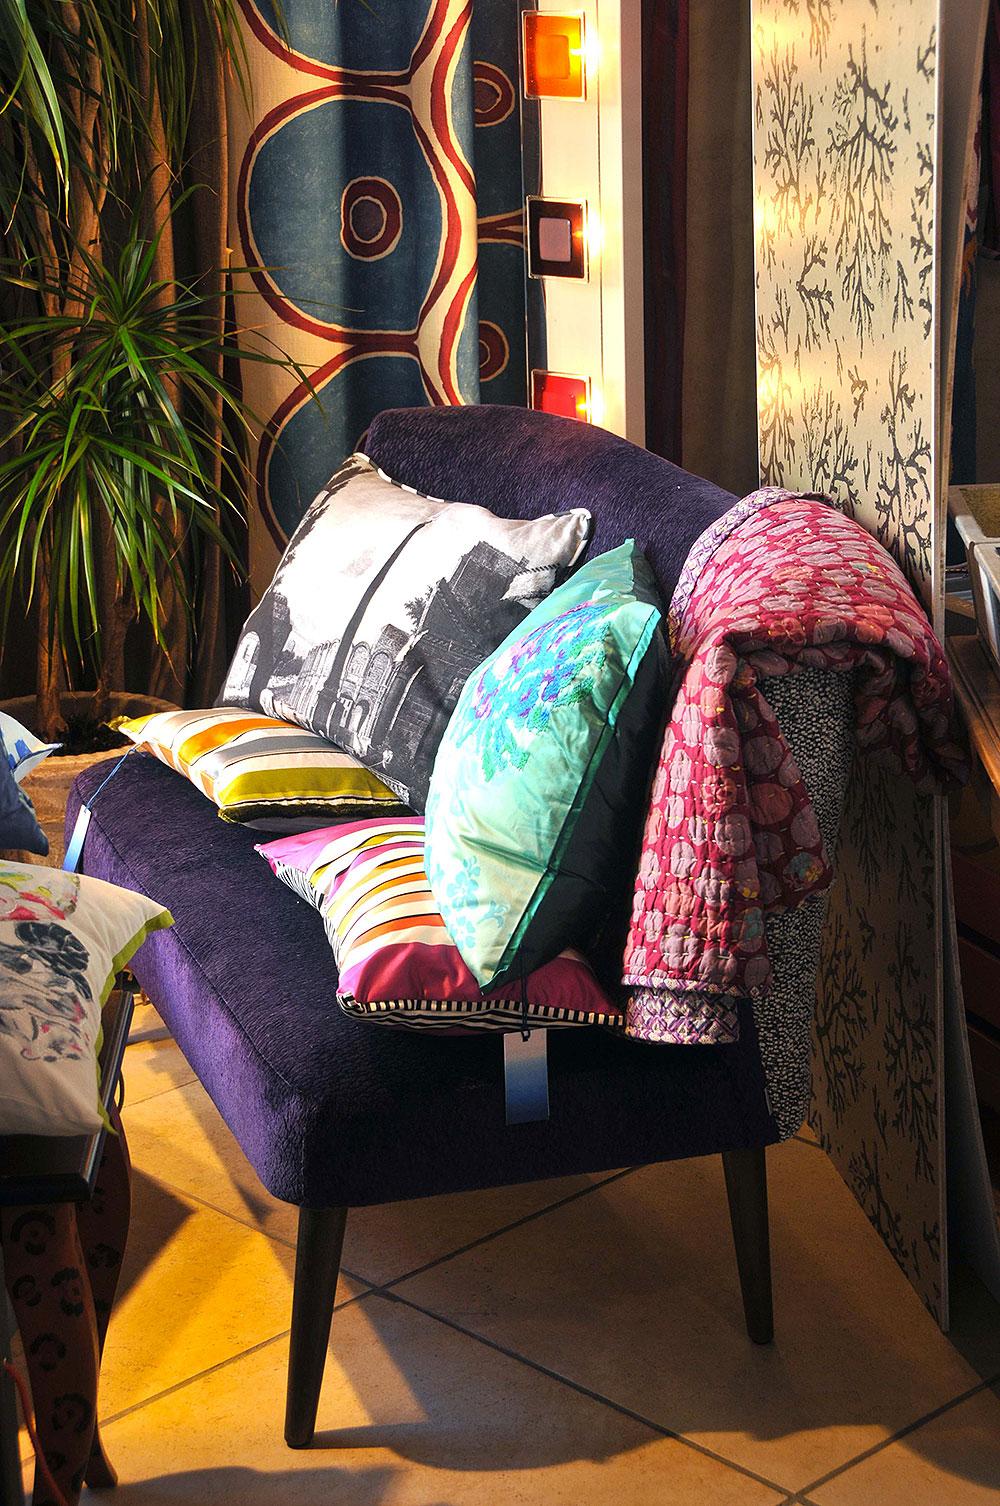 mati re dire toulon boutique marie claude prieur architecte d 39 int rieur toulon. Black Bedroom Furniture Sets. Home Design Ideas